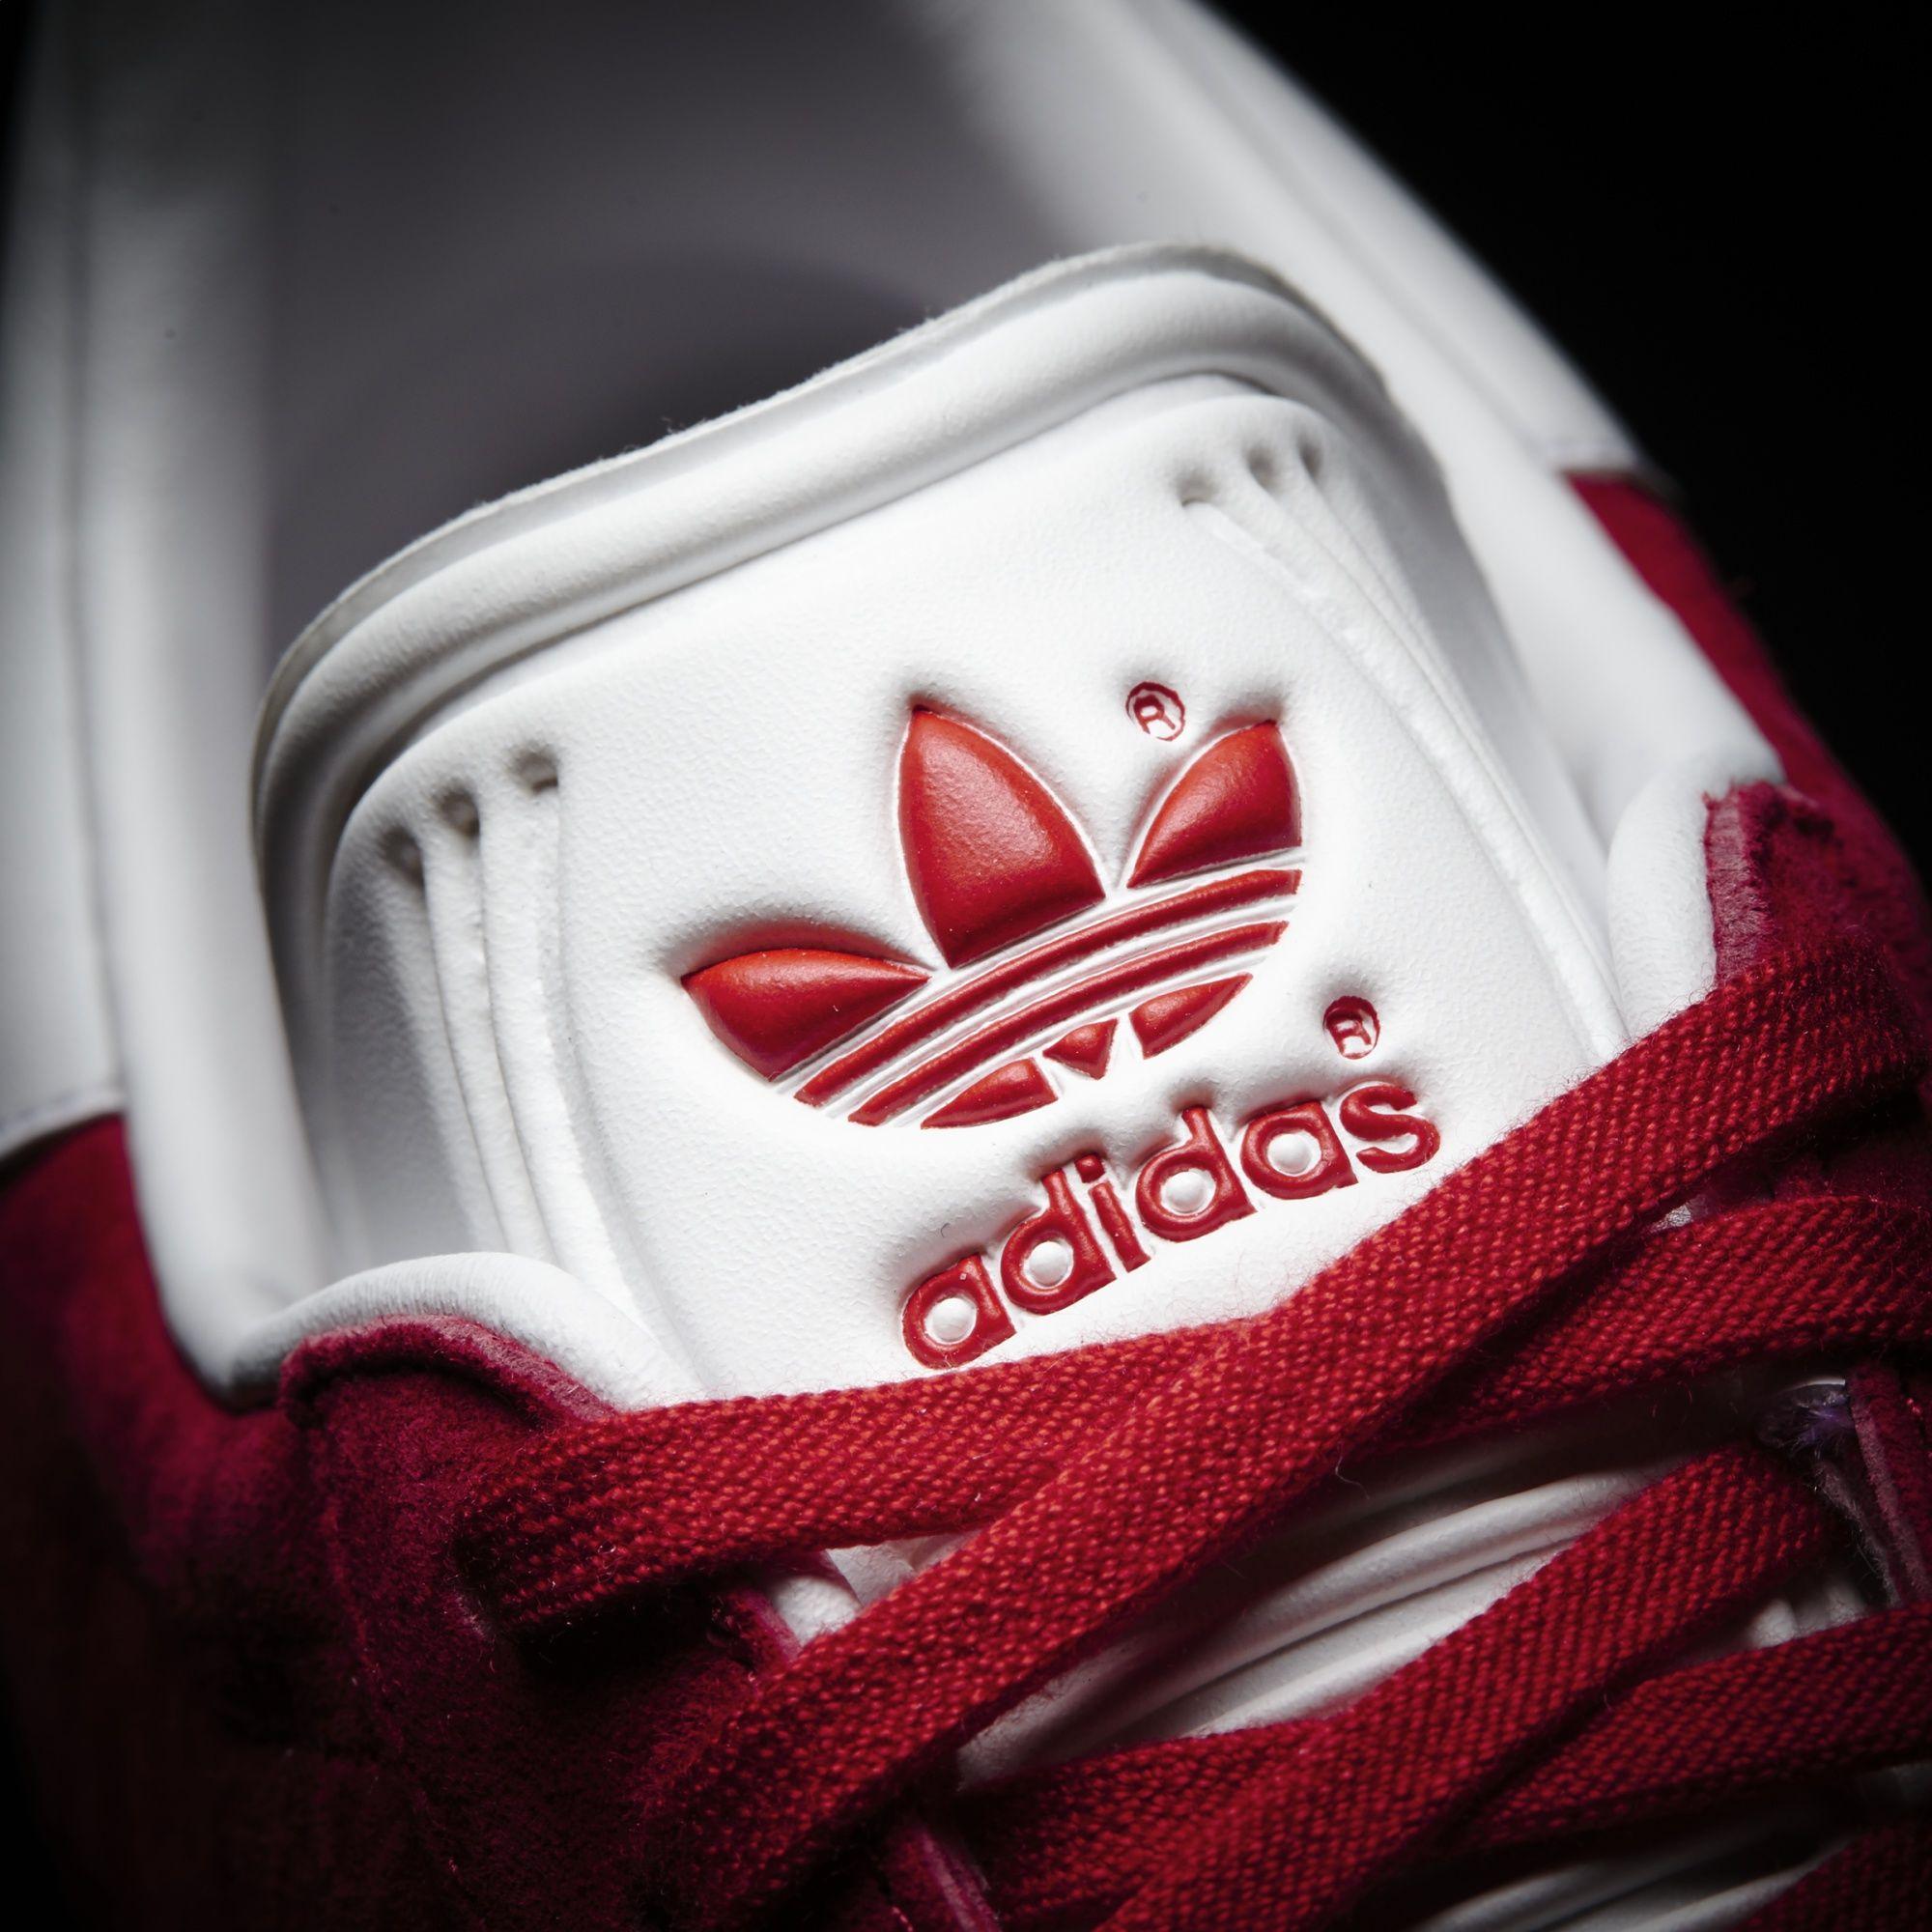 Adidas originals gazelle rouge. Logo Adidas Originals en relief sur la languette